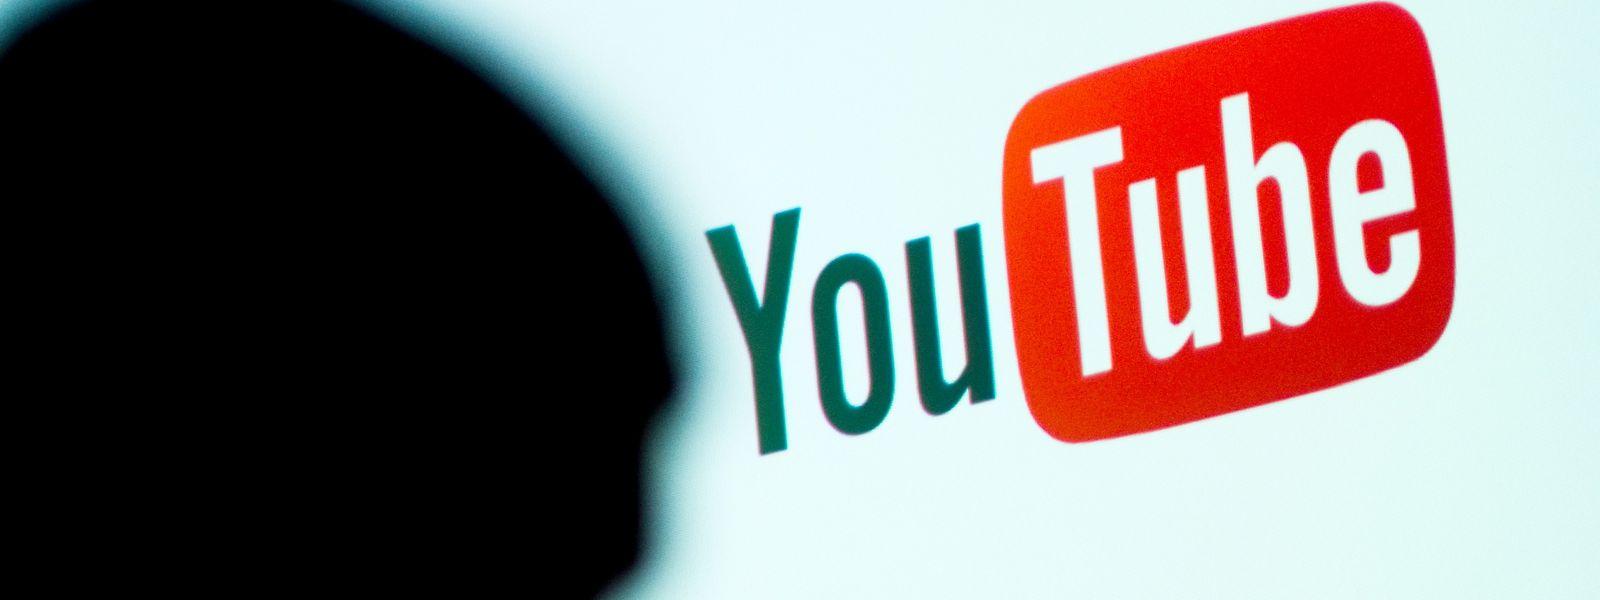 Youtube könnte gezwungen sein, künftig Uploadfilter einzusetzen.